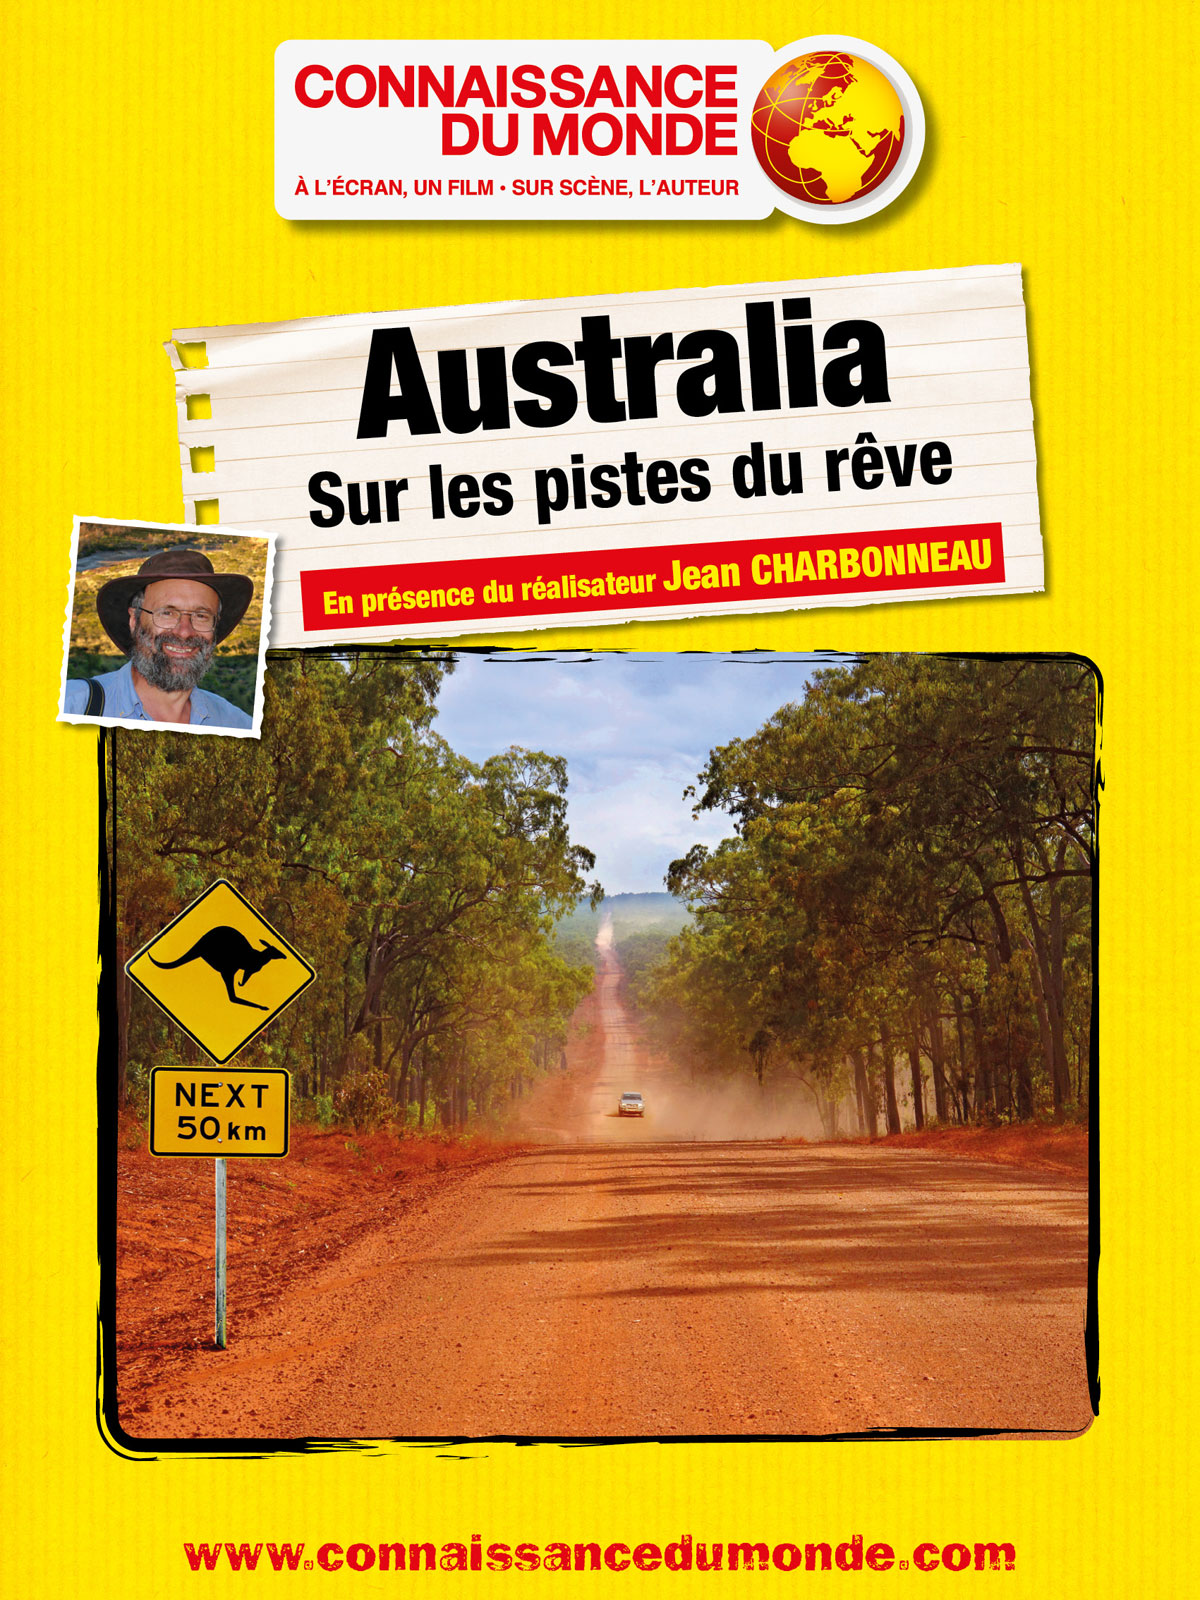 Australia - Sur les pistes du rêve